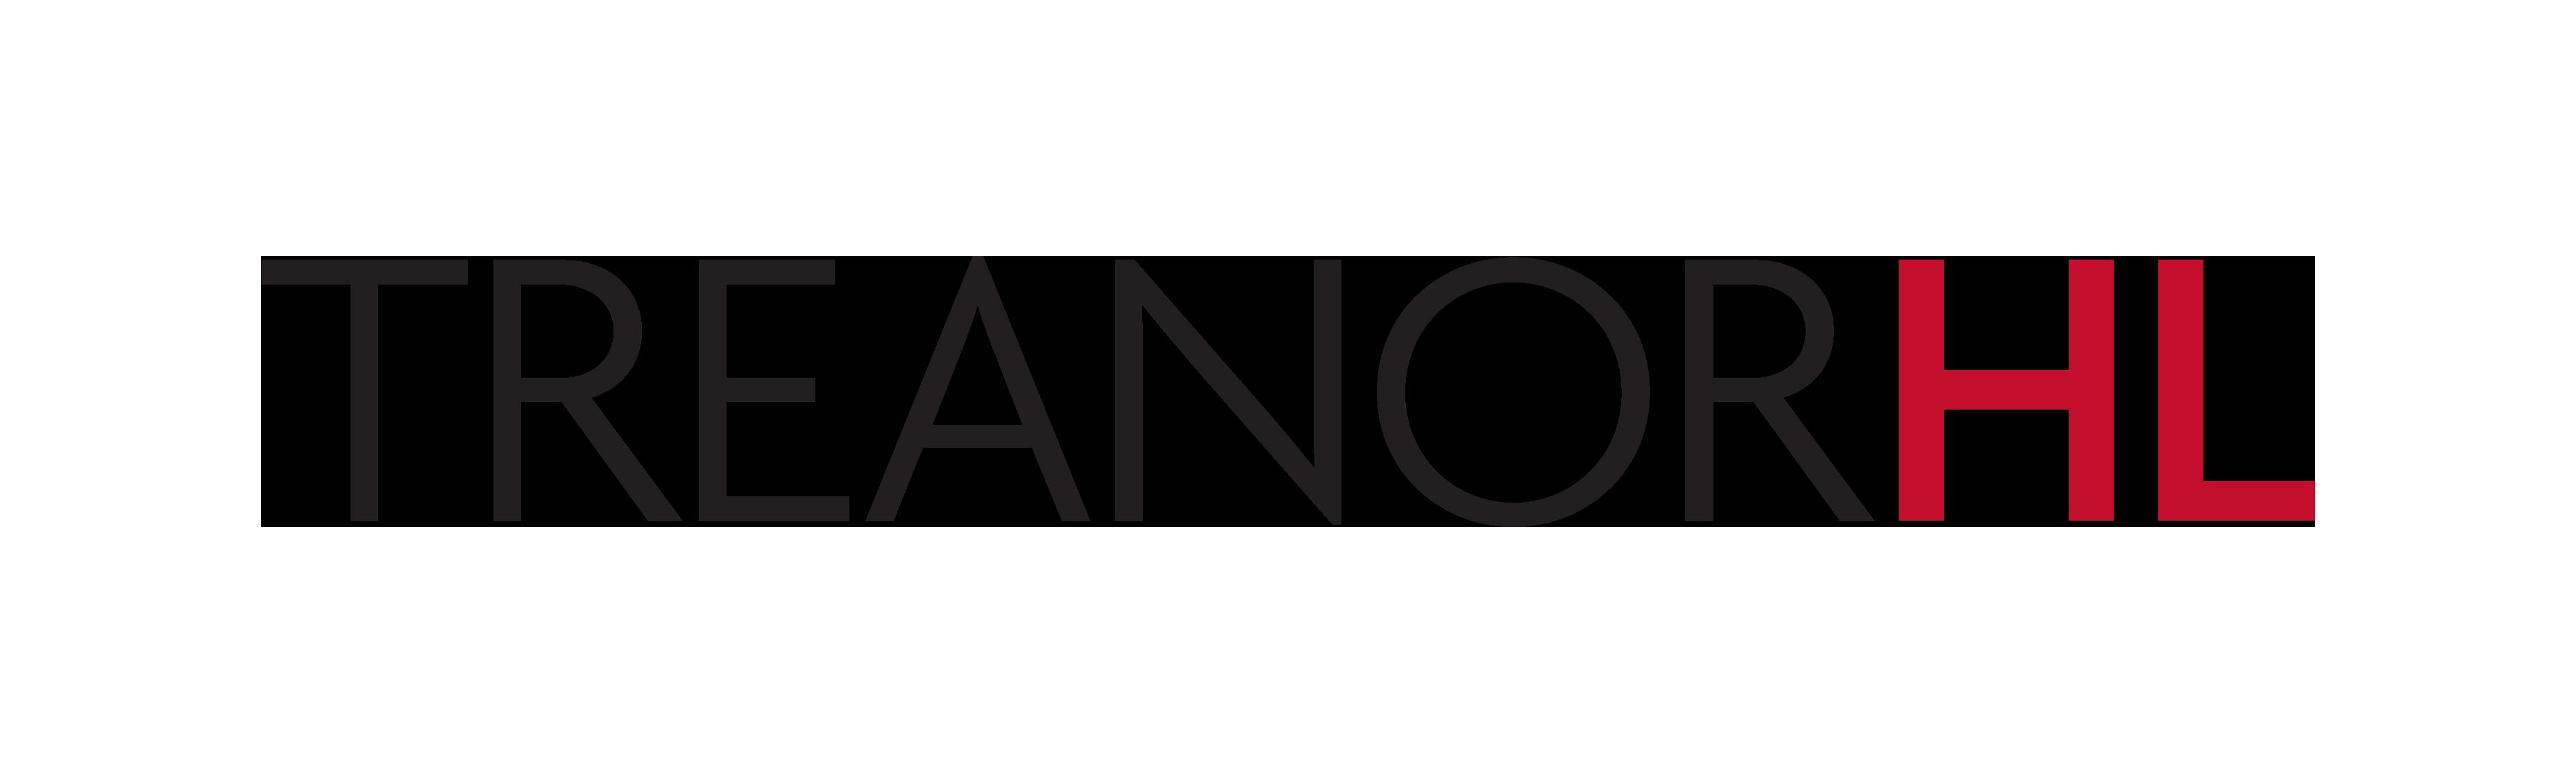 TreanorHL_Logo_2clr_black